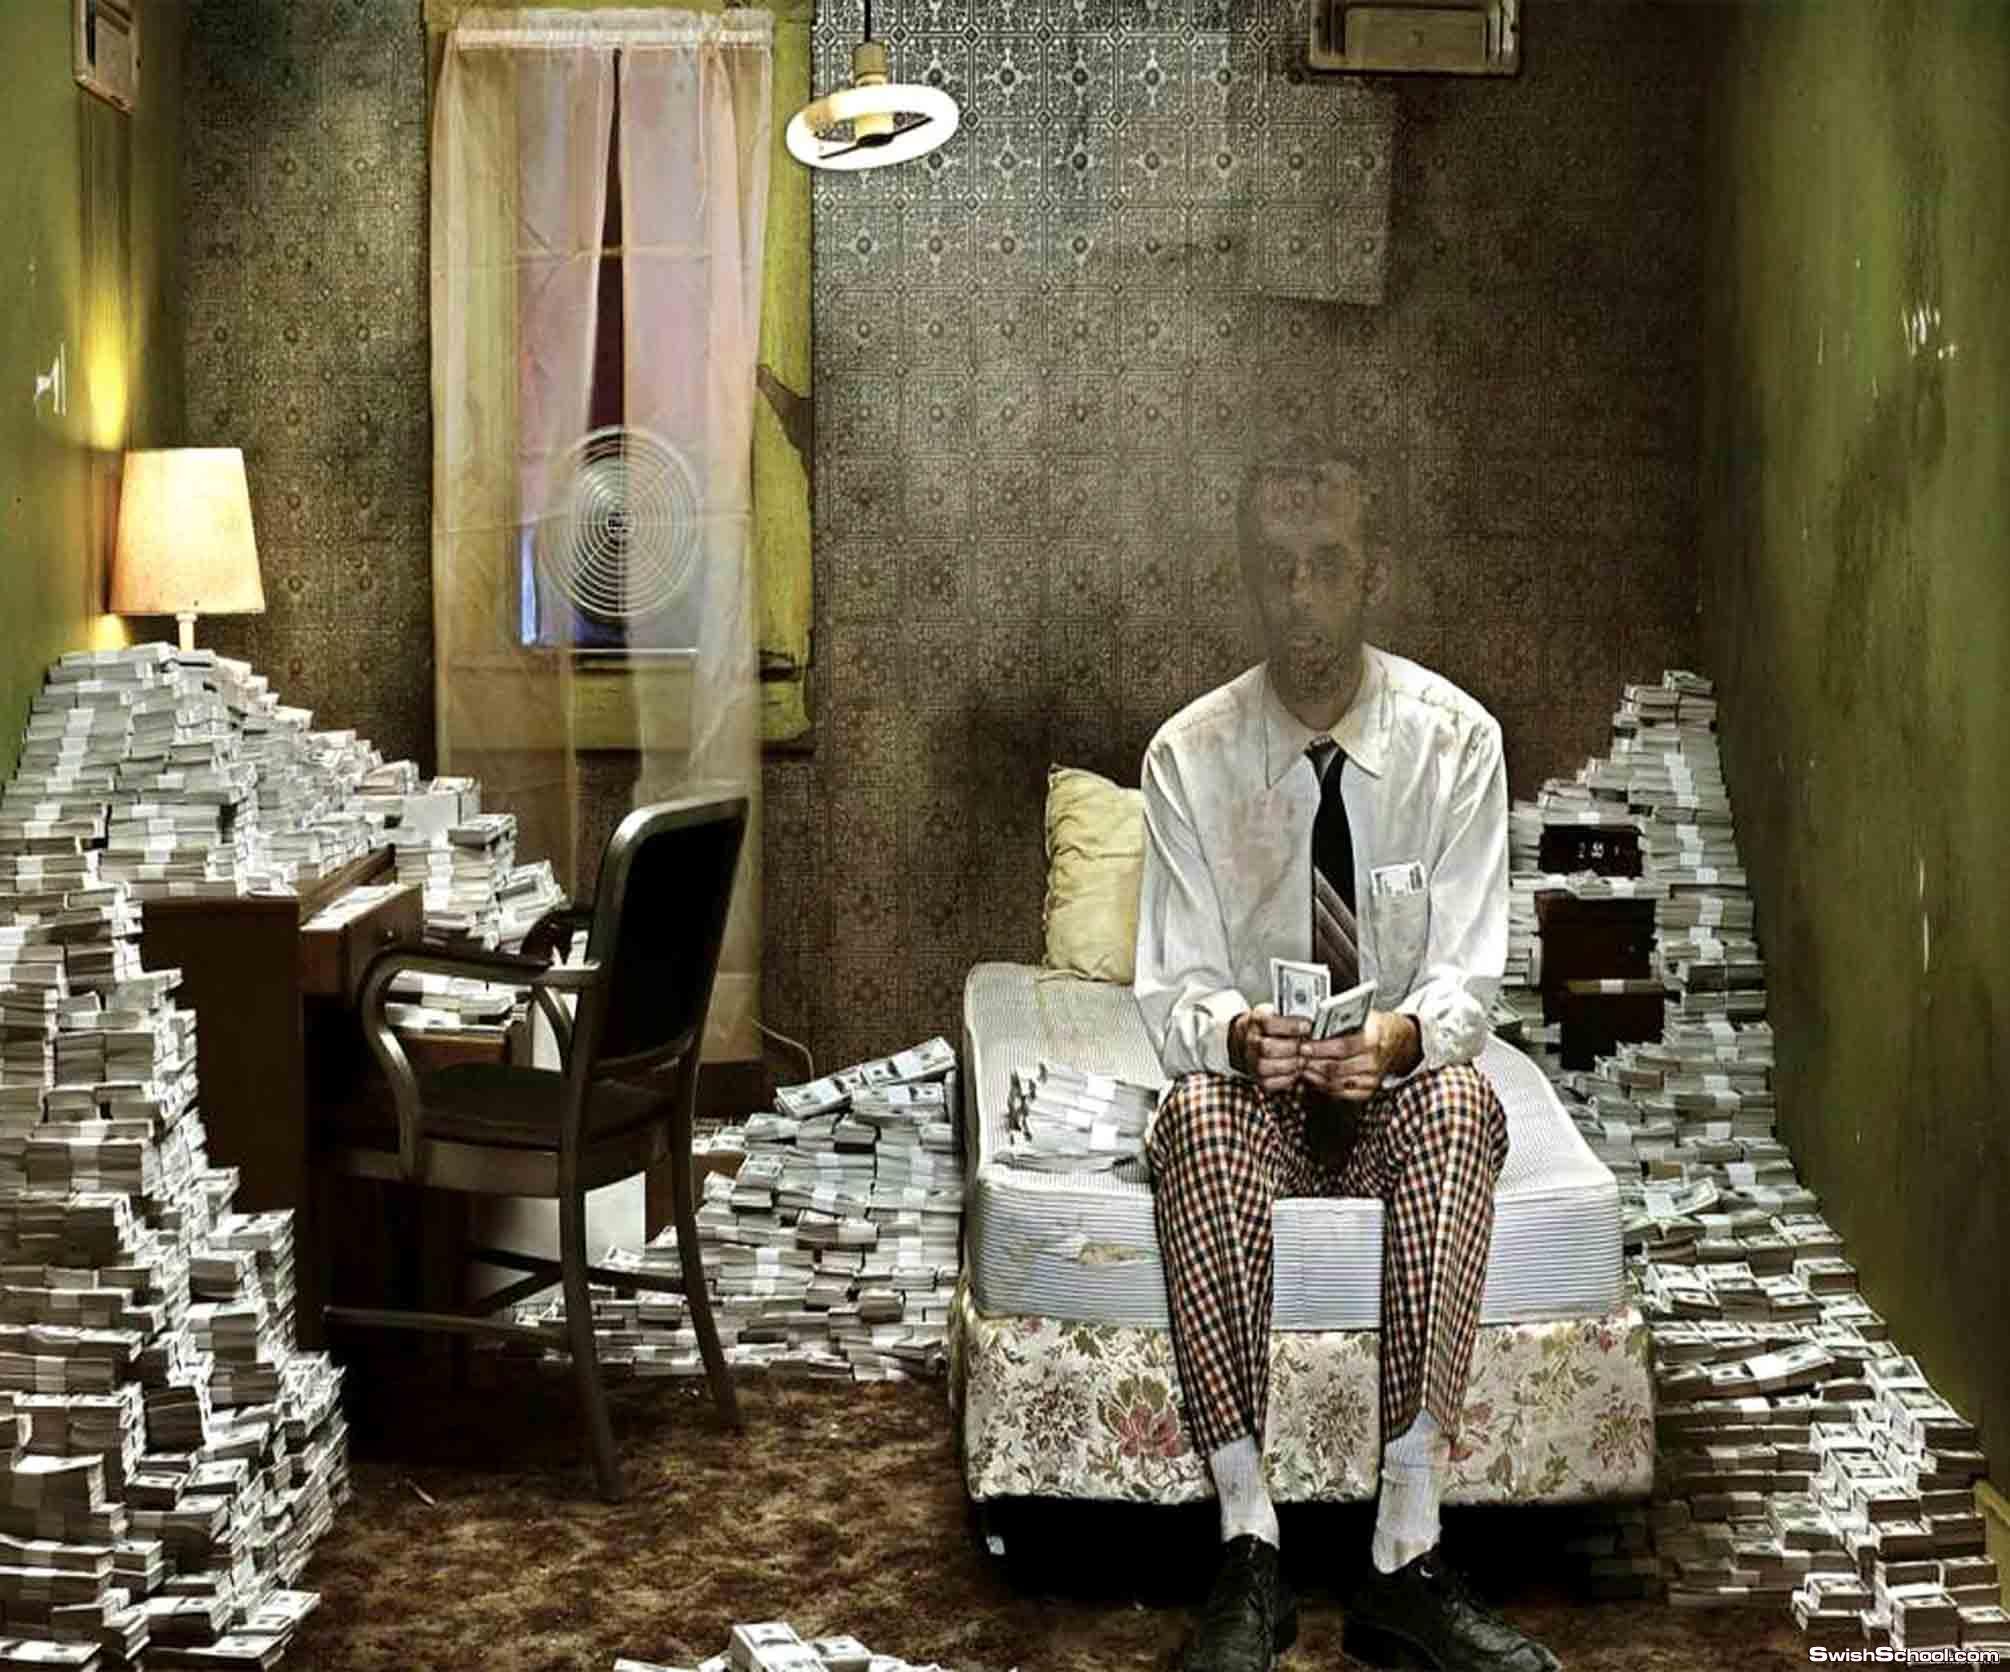 حصرى قالب لراجل فى غرفة مليئة بالنقود  فوق الرائع